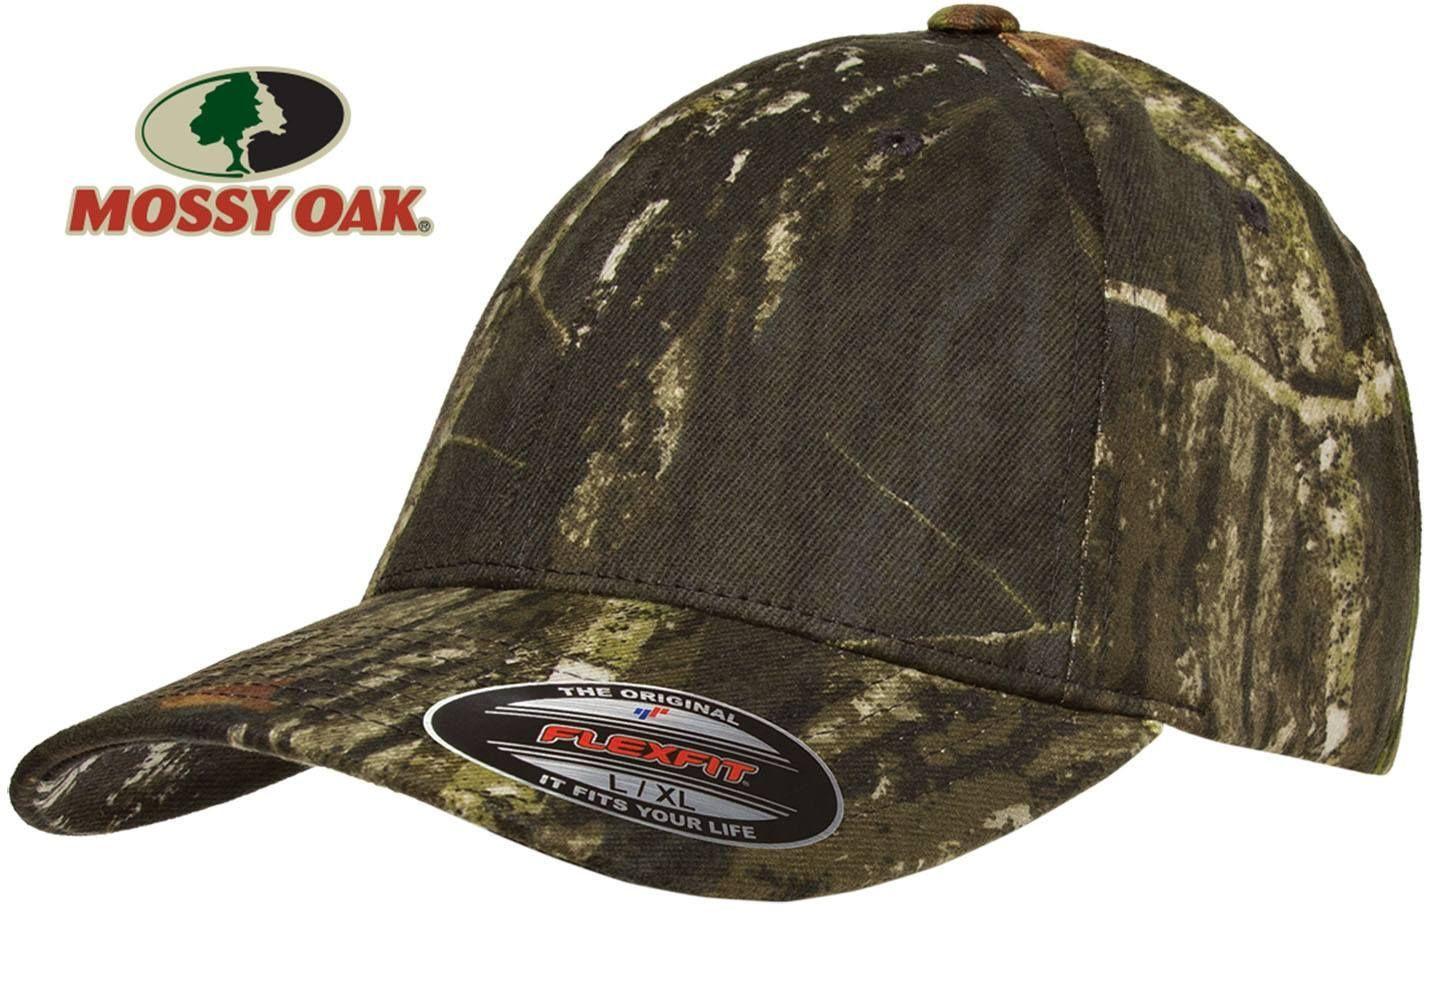 Wholesale Flexfit/Yupoong 6999MOBU Mossy Oak Break Up Hat